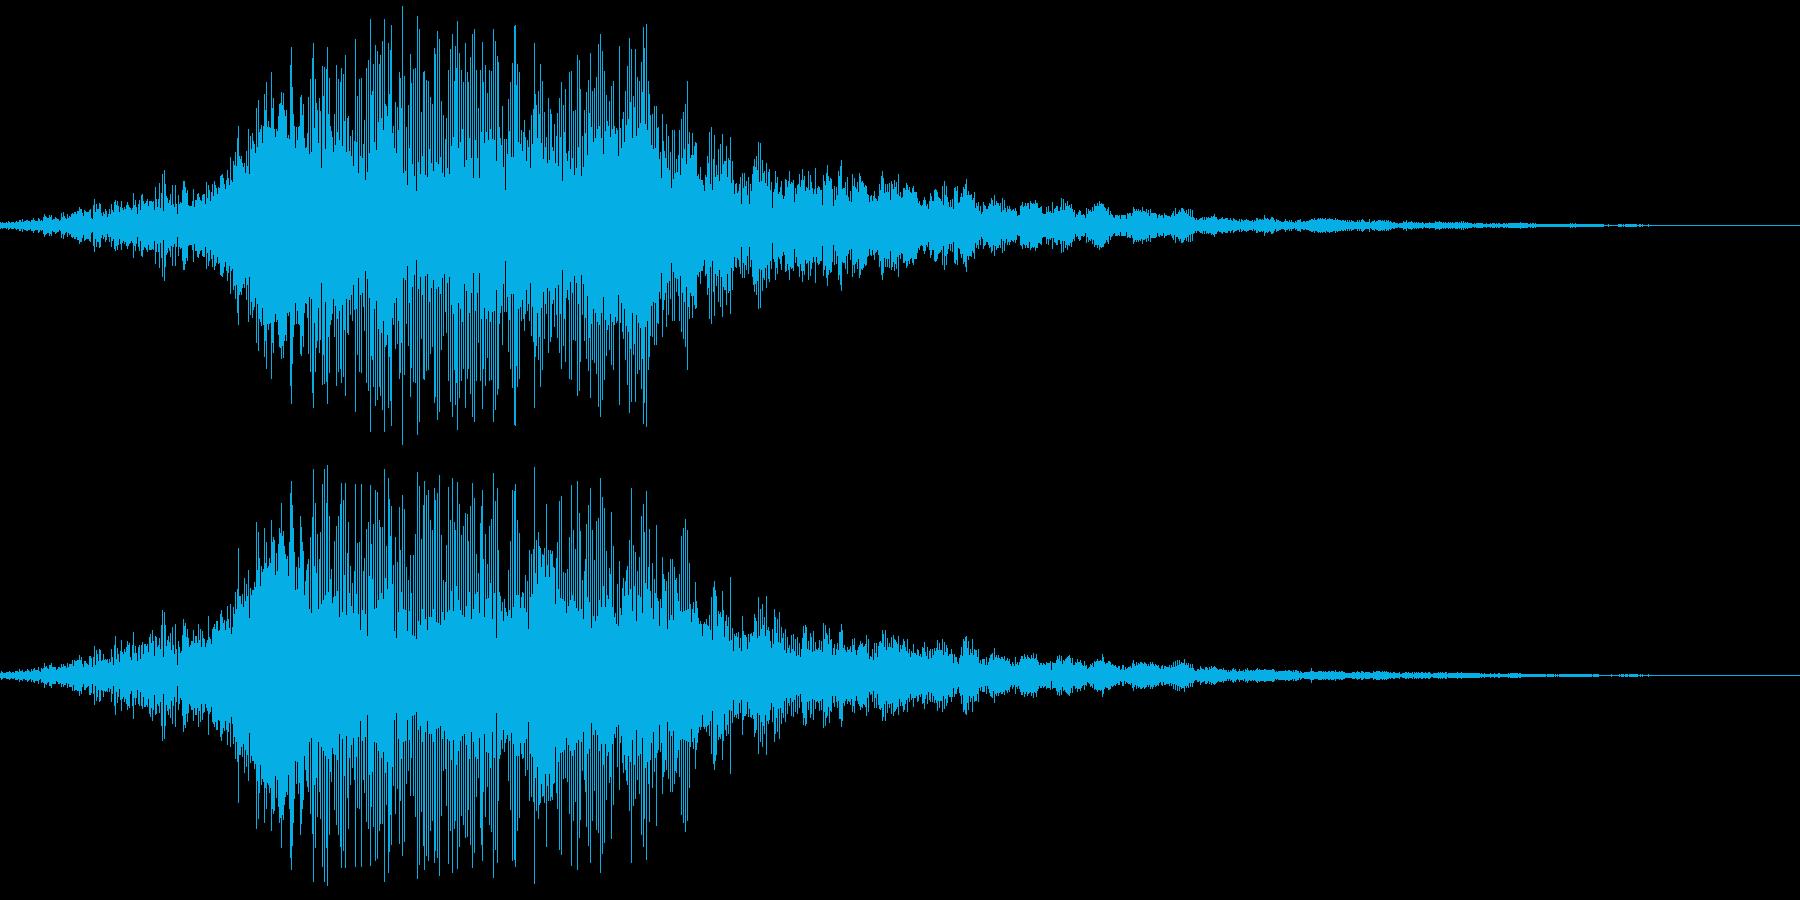 超高速ダッシュの再生済みの波形